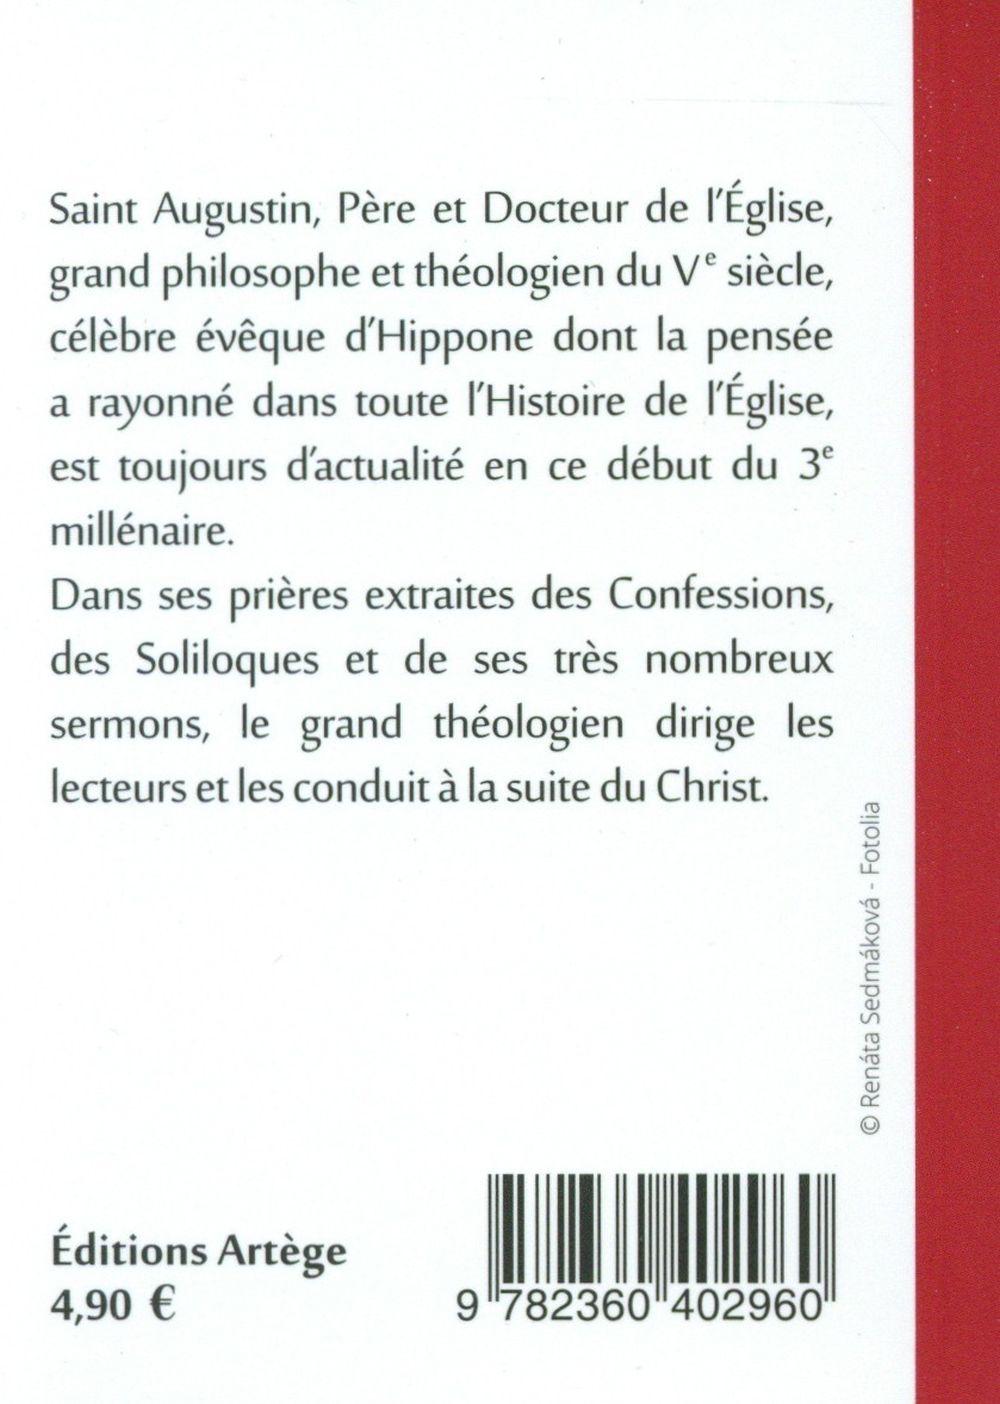 Prières en poche ; Saint Augustin